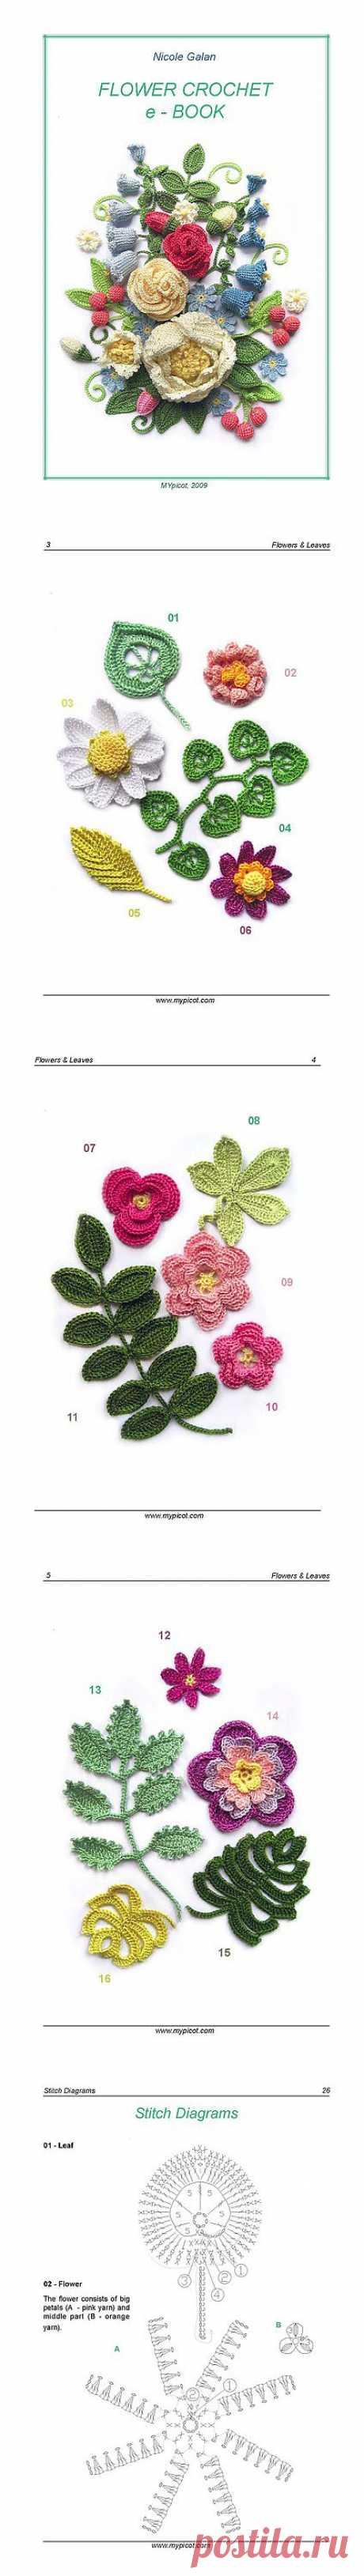 Блоги@Mail.Ru: Вязание цветов и листьев